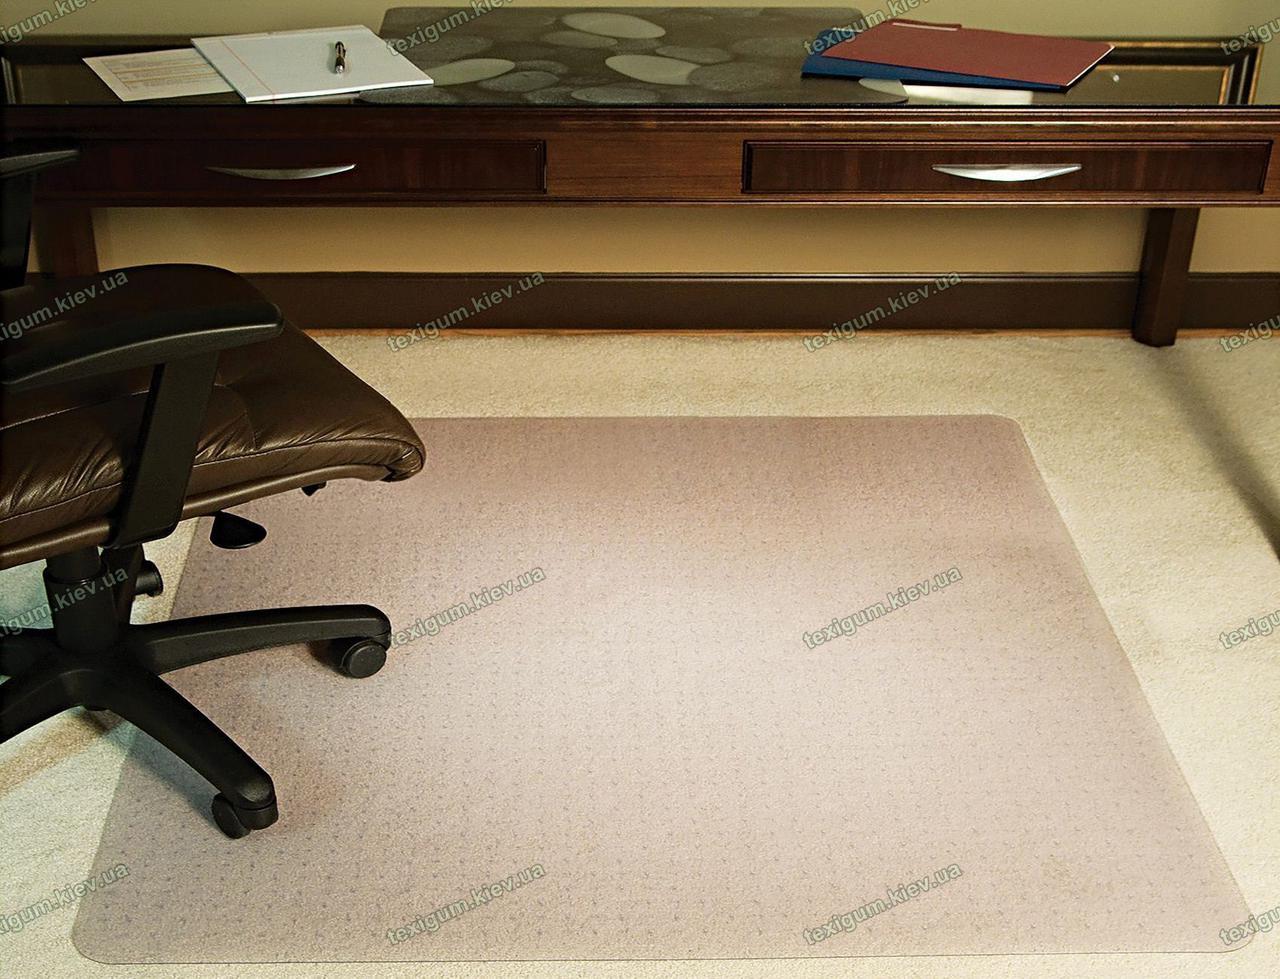 Защитный ковер под кресло прозрачный 122х123см. для ковролина Германия, толщина 5,0мм